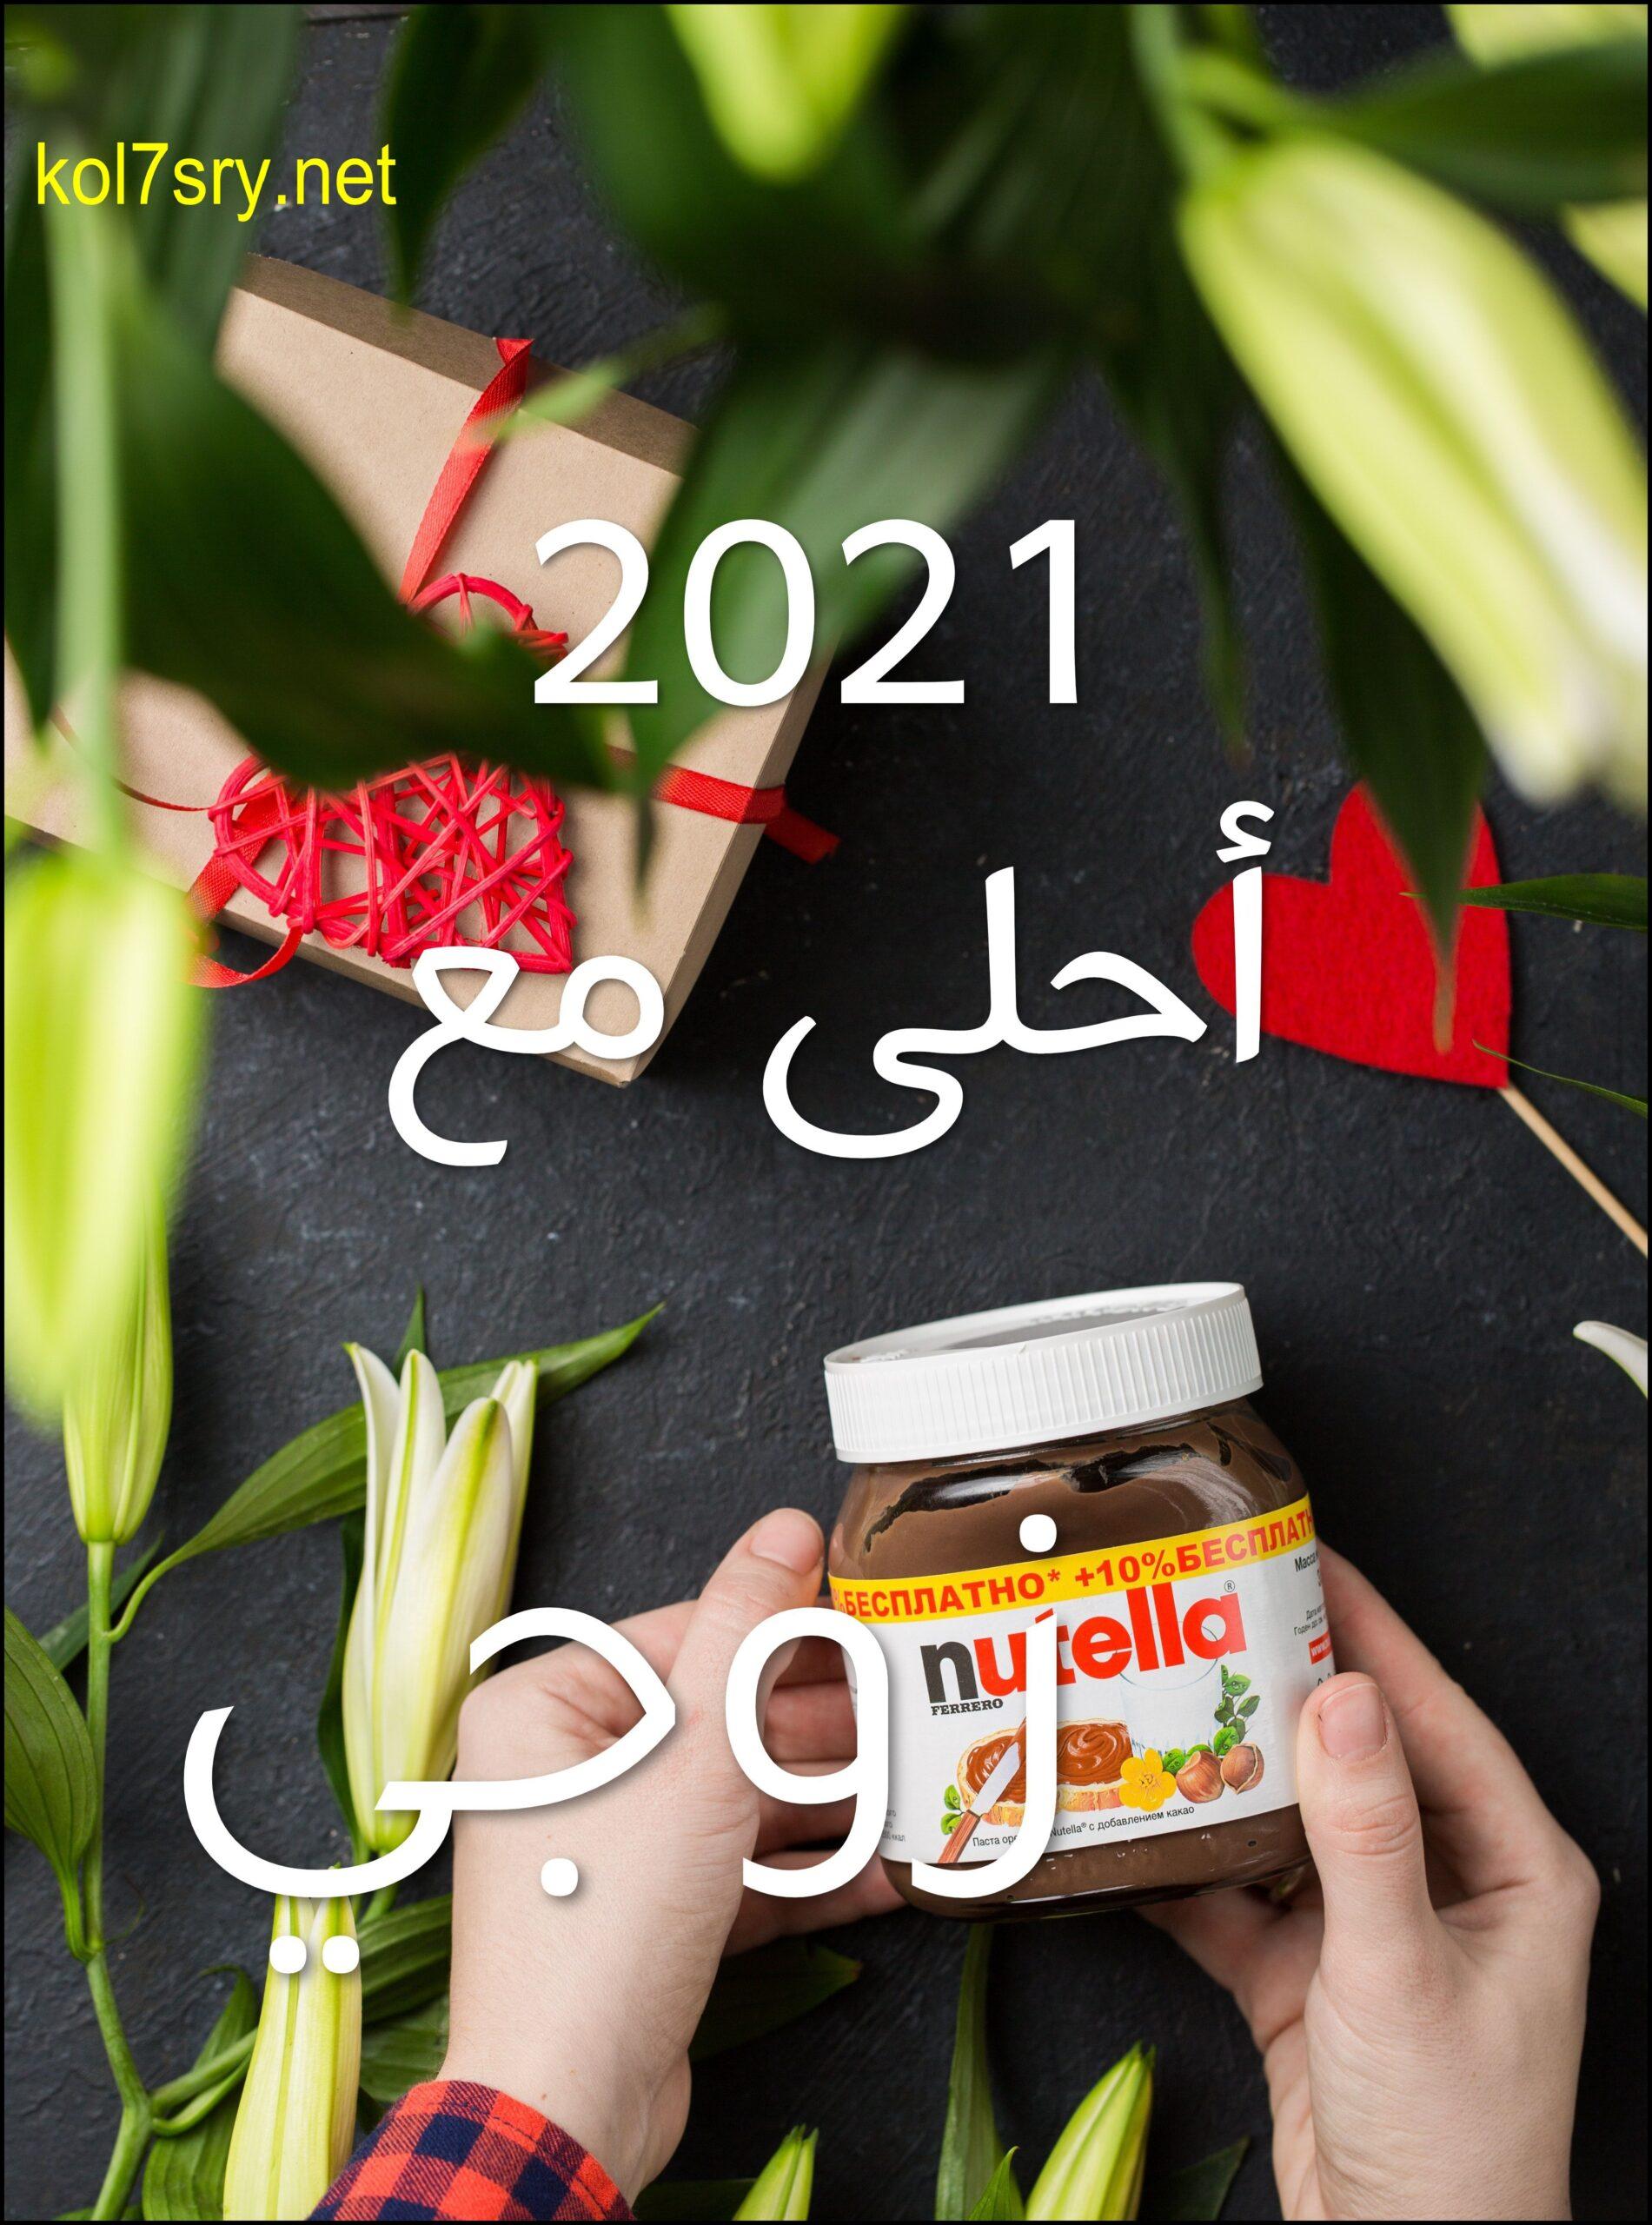 2021 أحلى مع اسمك أجمل 40 صورة HD لعام 2021 احلى مع مجانا اطلب التصميم بالتعليقات 32